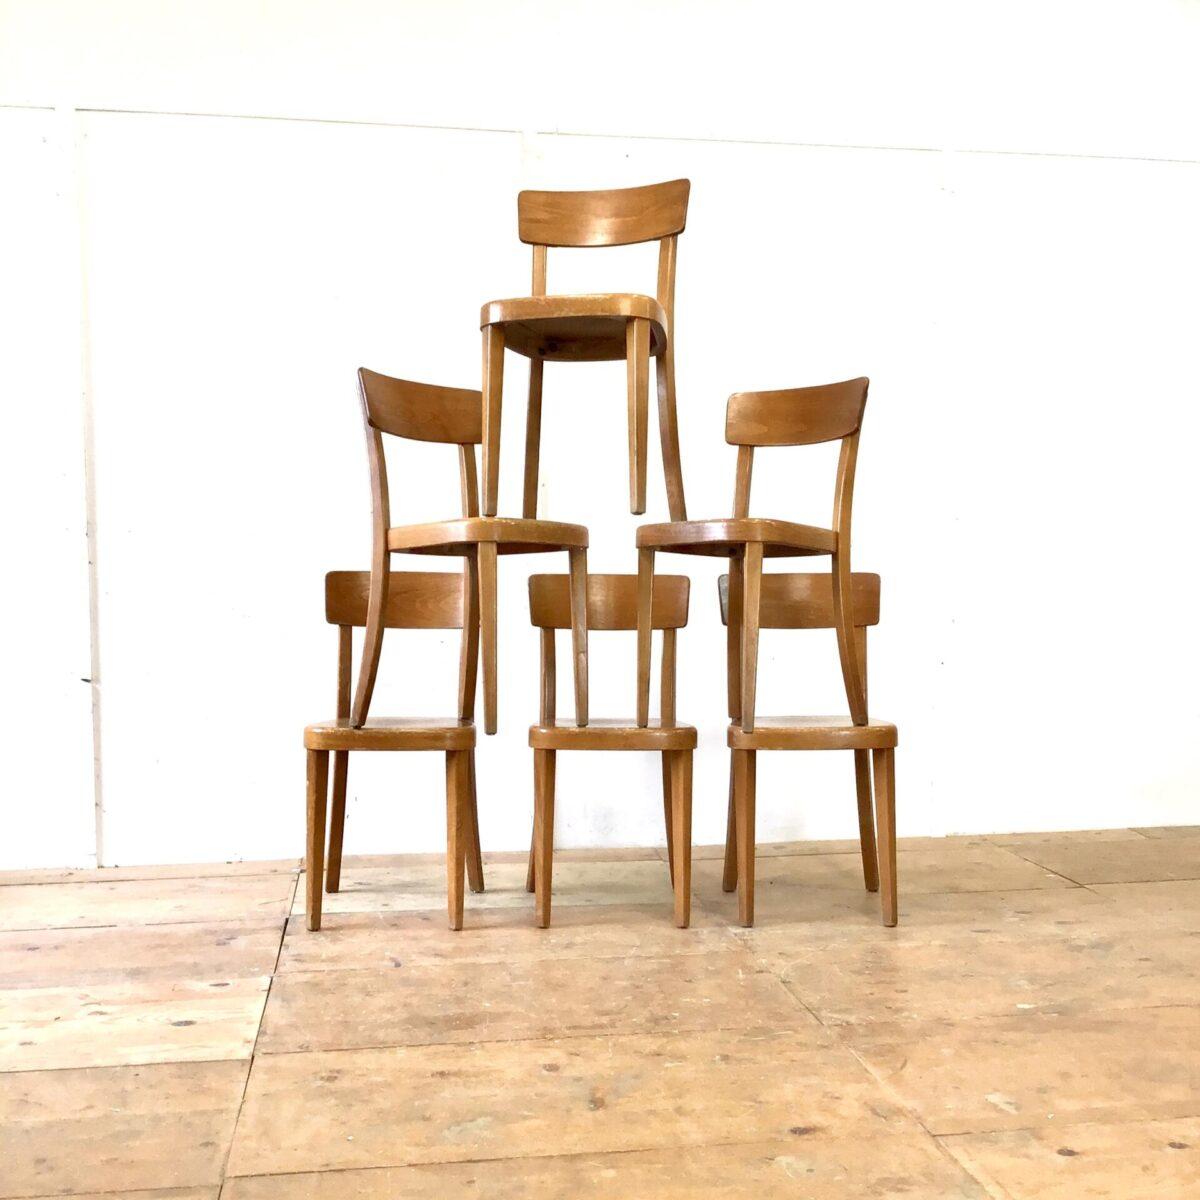 Deuxieme.shop Stabile Qualitäts Stühle von Tütsch Klingnau, mit Alterspatina. Preis pro Stuhl. Simple funktionale Esszimmer Stühle ähnlich dem horgenglarus Classic Modell.